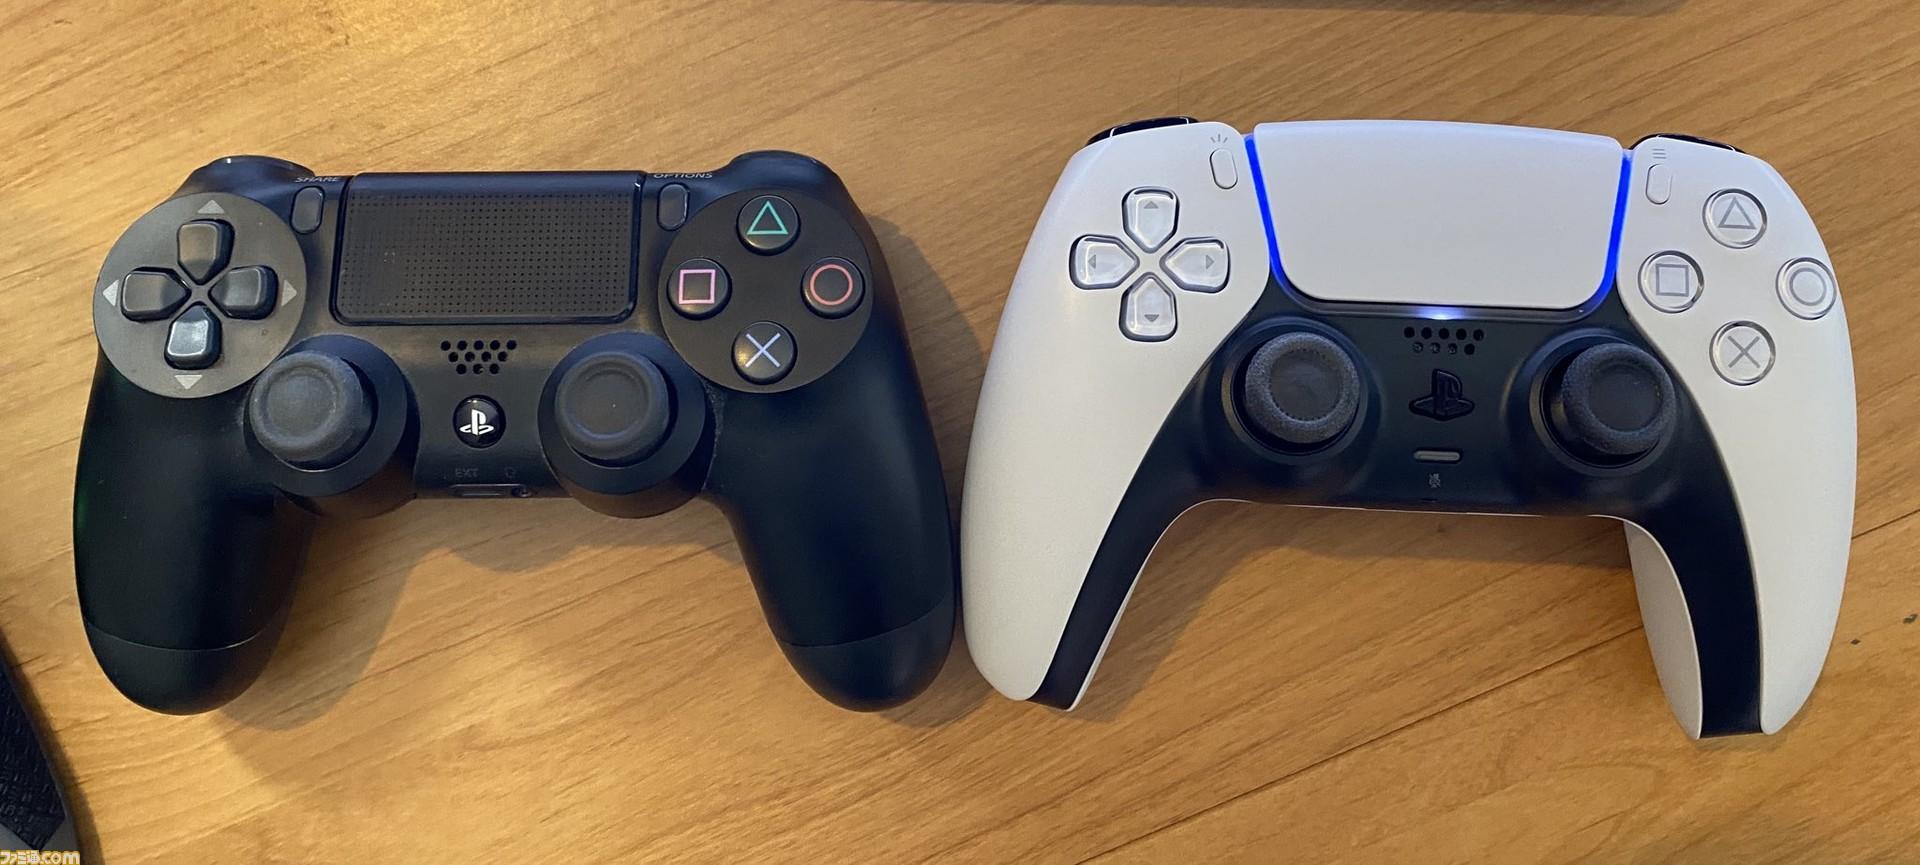 PS5、×ボタン決定っぽいけどどう思う?